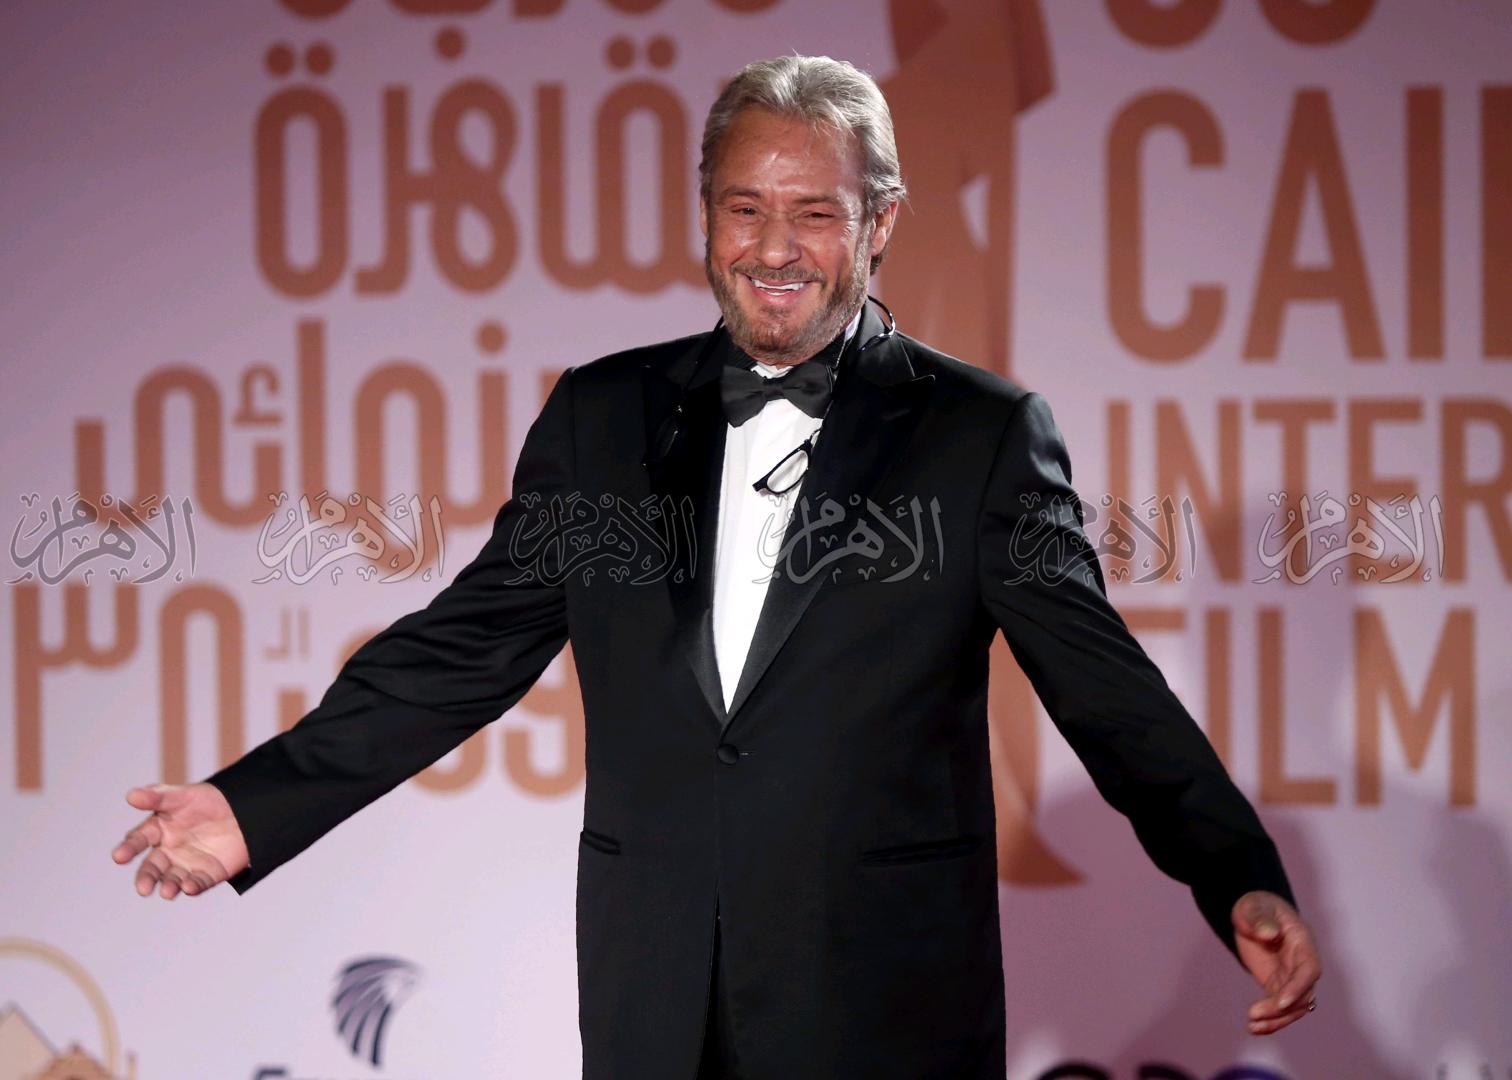 فاروق الفيشاوى خلال افتتاح مهرجان القاهرة السينمائى الدولى .